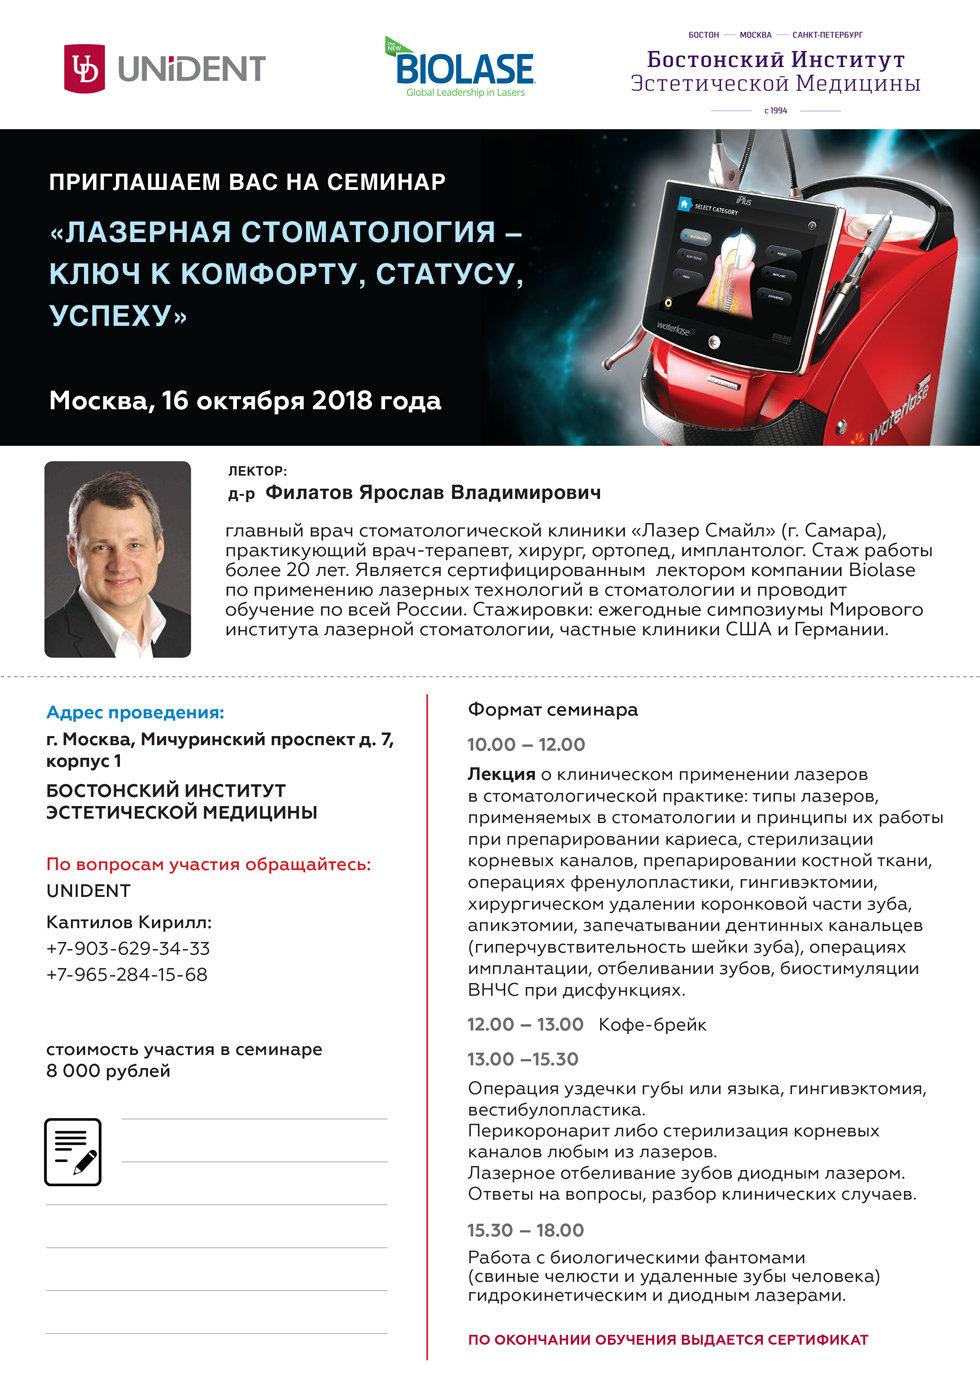 Филатов_16_10_2018_980.jpg